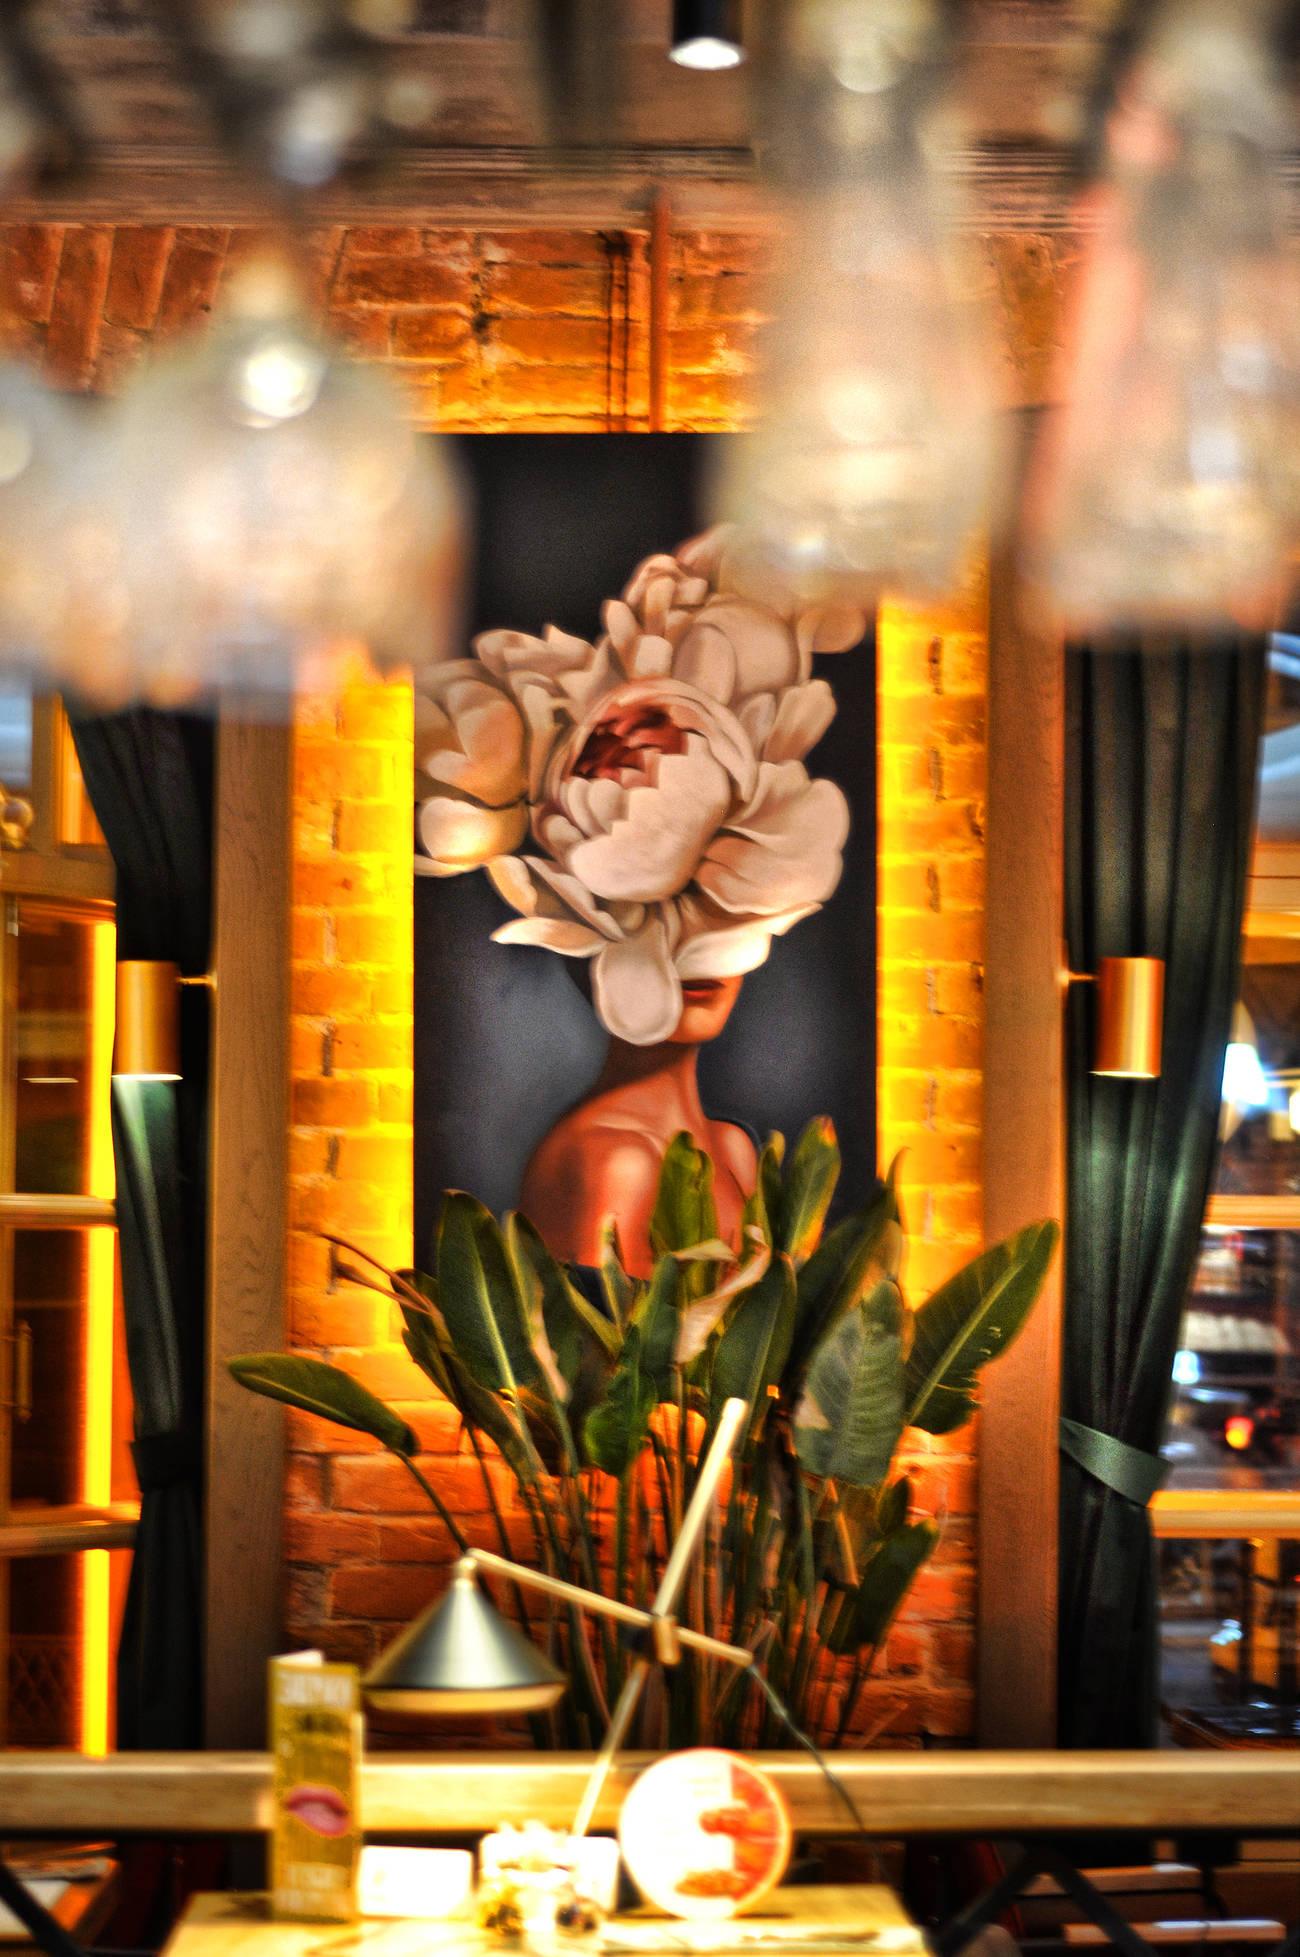 Итальянское кафе «Робби» – новый релиз от российской дизайн студии ALLARTSDESIGN (Саранин Артемий), для ресторанного холдинга Milimon Family.